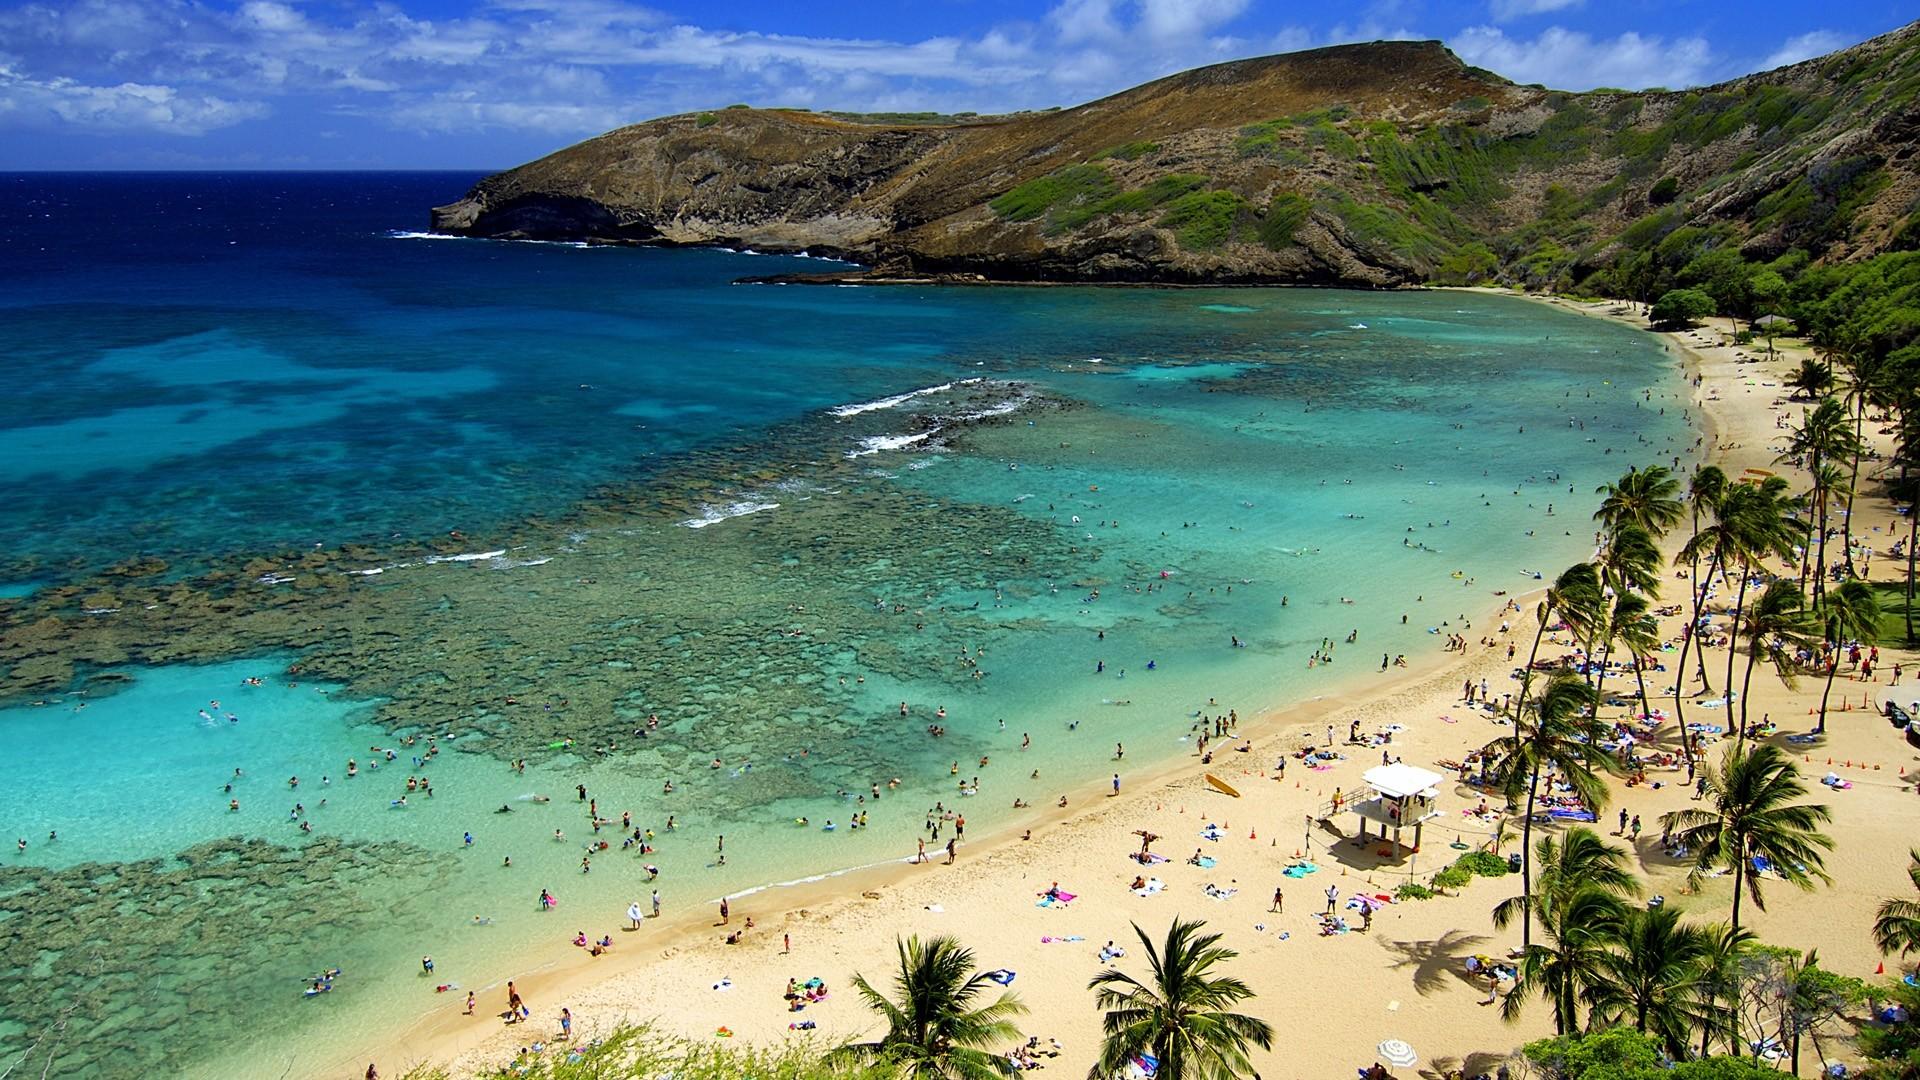 Res: 1920x1080, Afternoon Hawaii Beach Wallpaper Wide 13126 Wallpaper Wallpaper